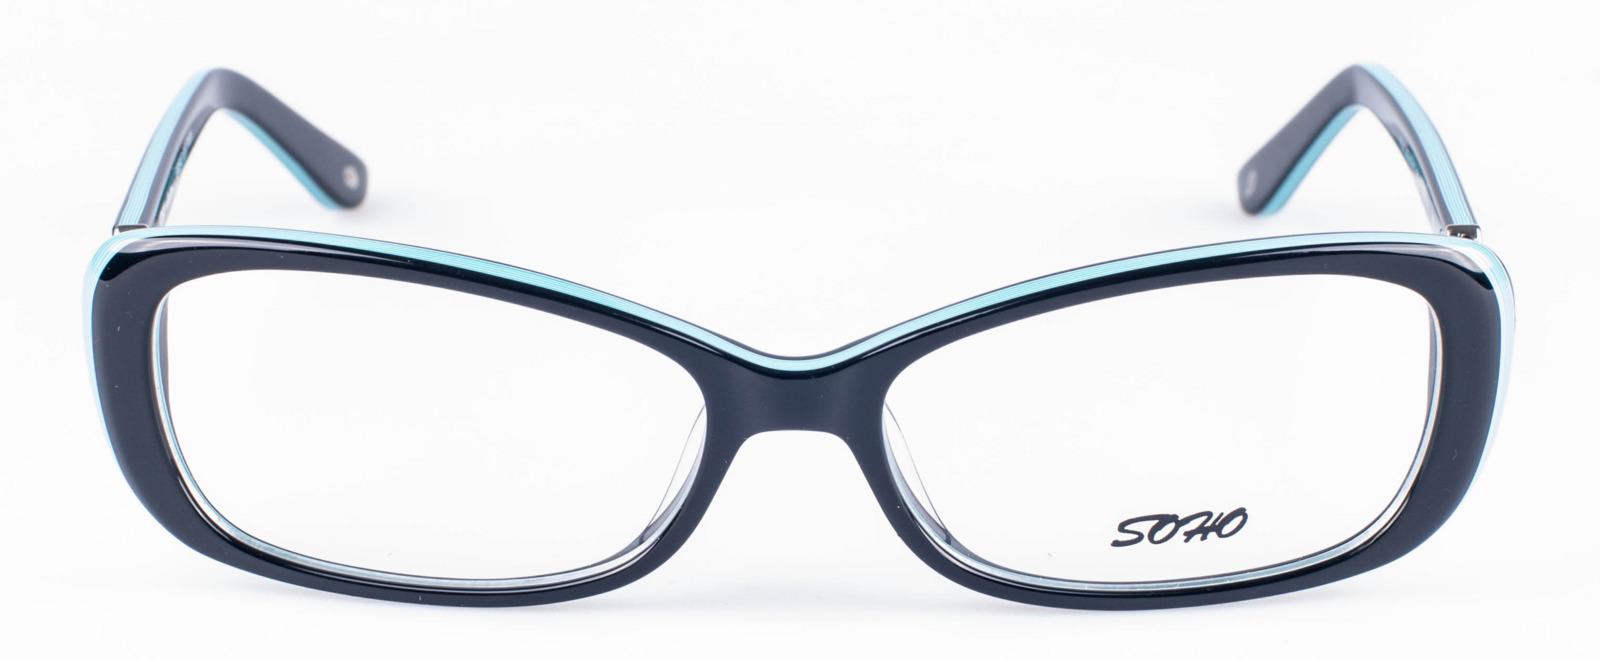 Оправа для очков женская Soho, SCL1012 C01, черный оправа для очков dixon 2014 d9917